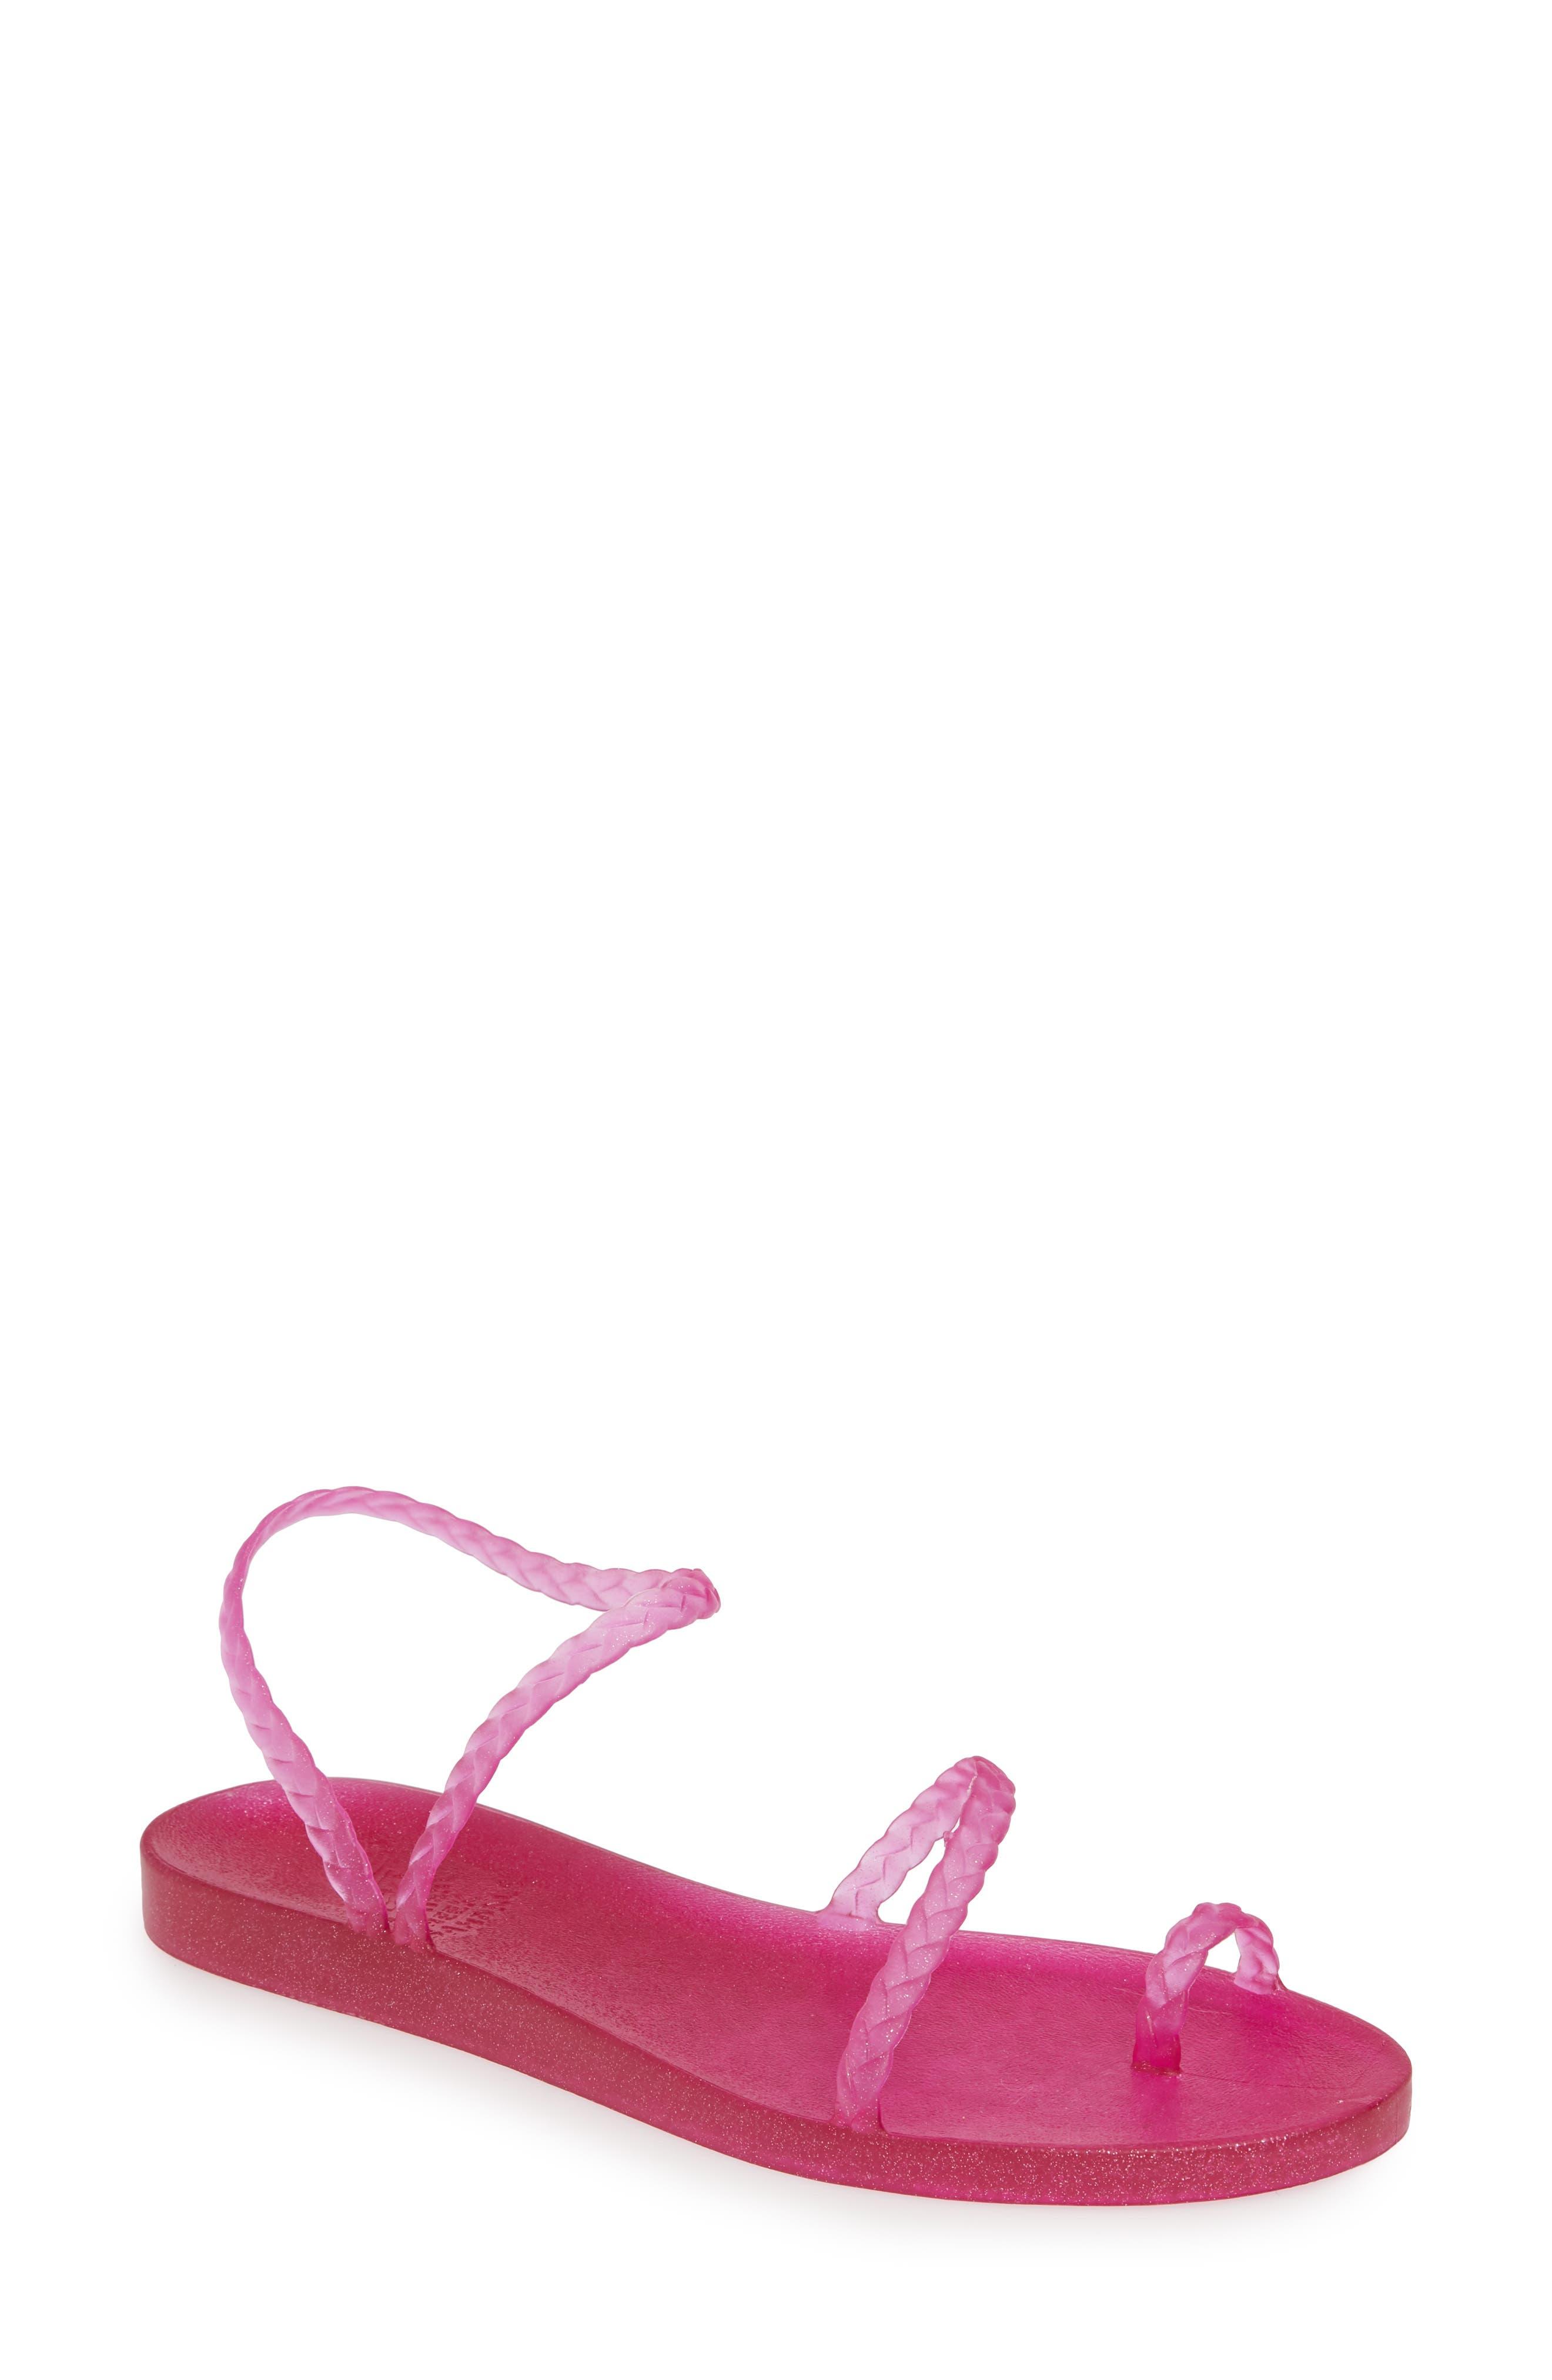 0067c6036ffc ancient greek sandals